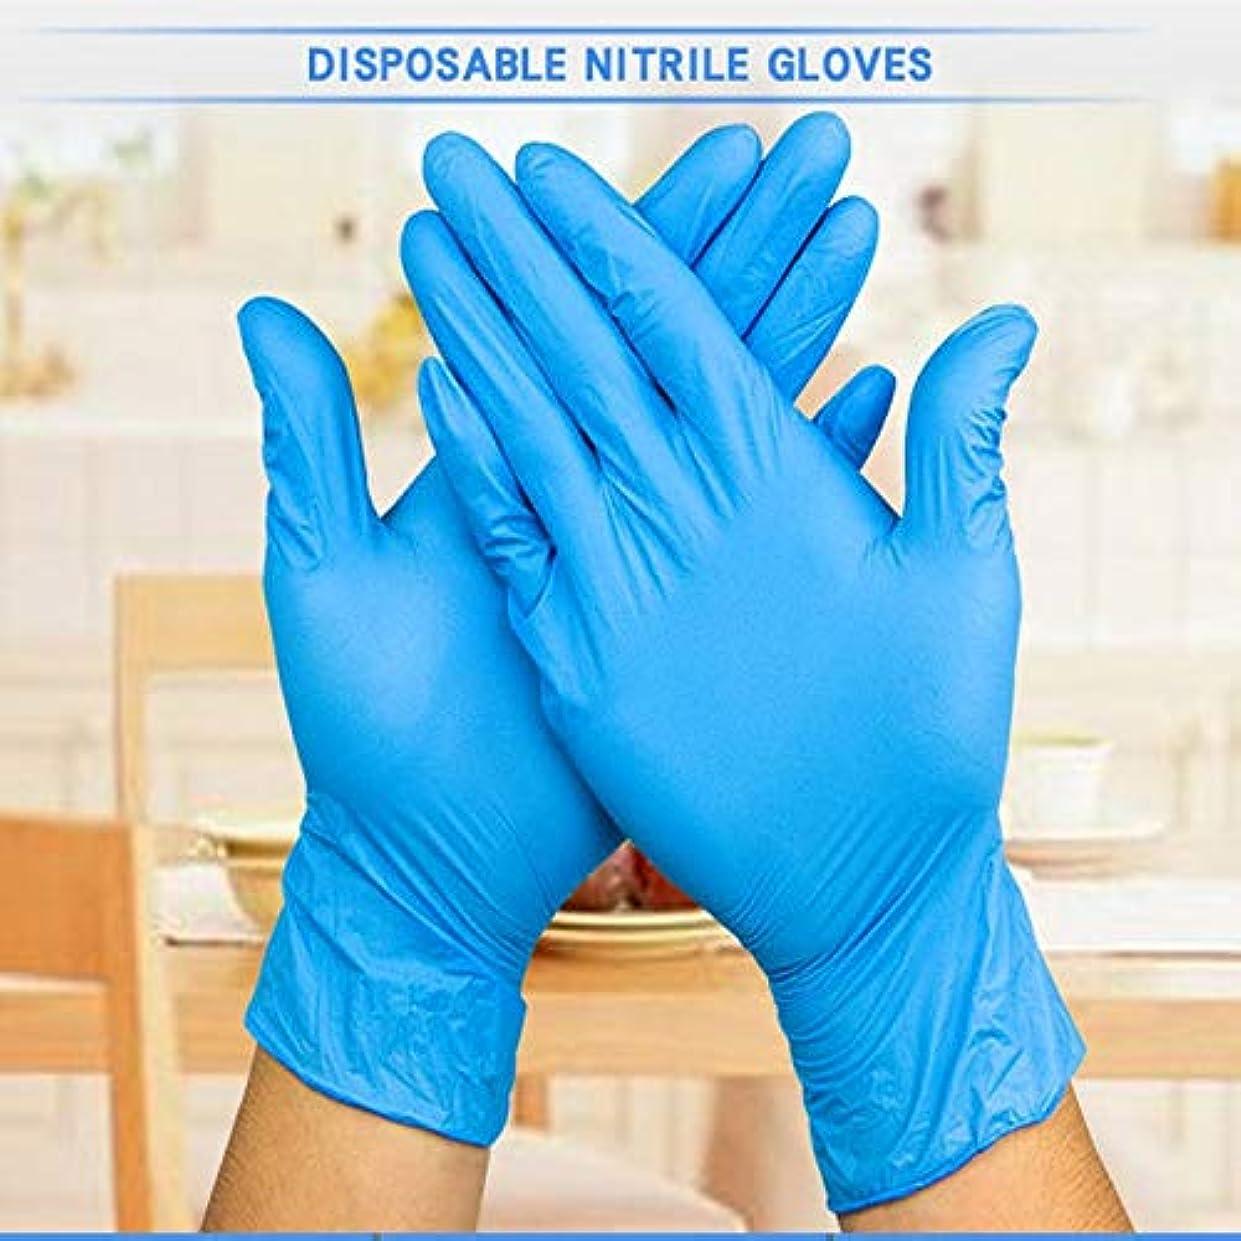 利得窒素音ニトリル医療グレード試験用手袋、使い捨て、ラテックスフリー、100カウント衛生手袋 (Color : Blue, Size : L)